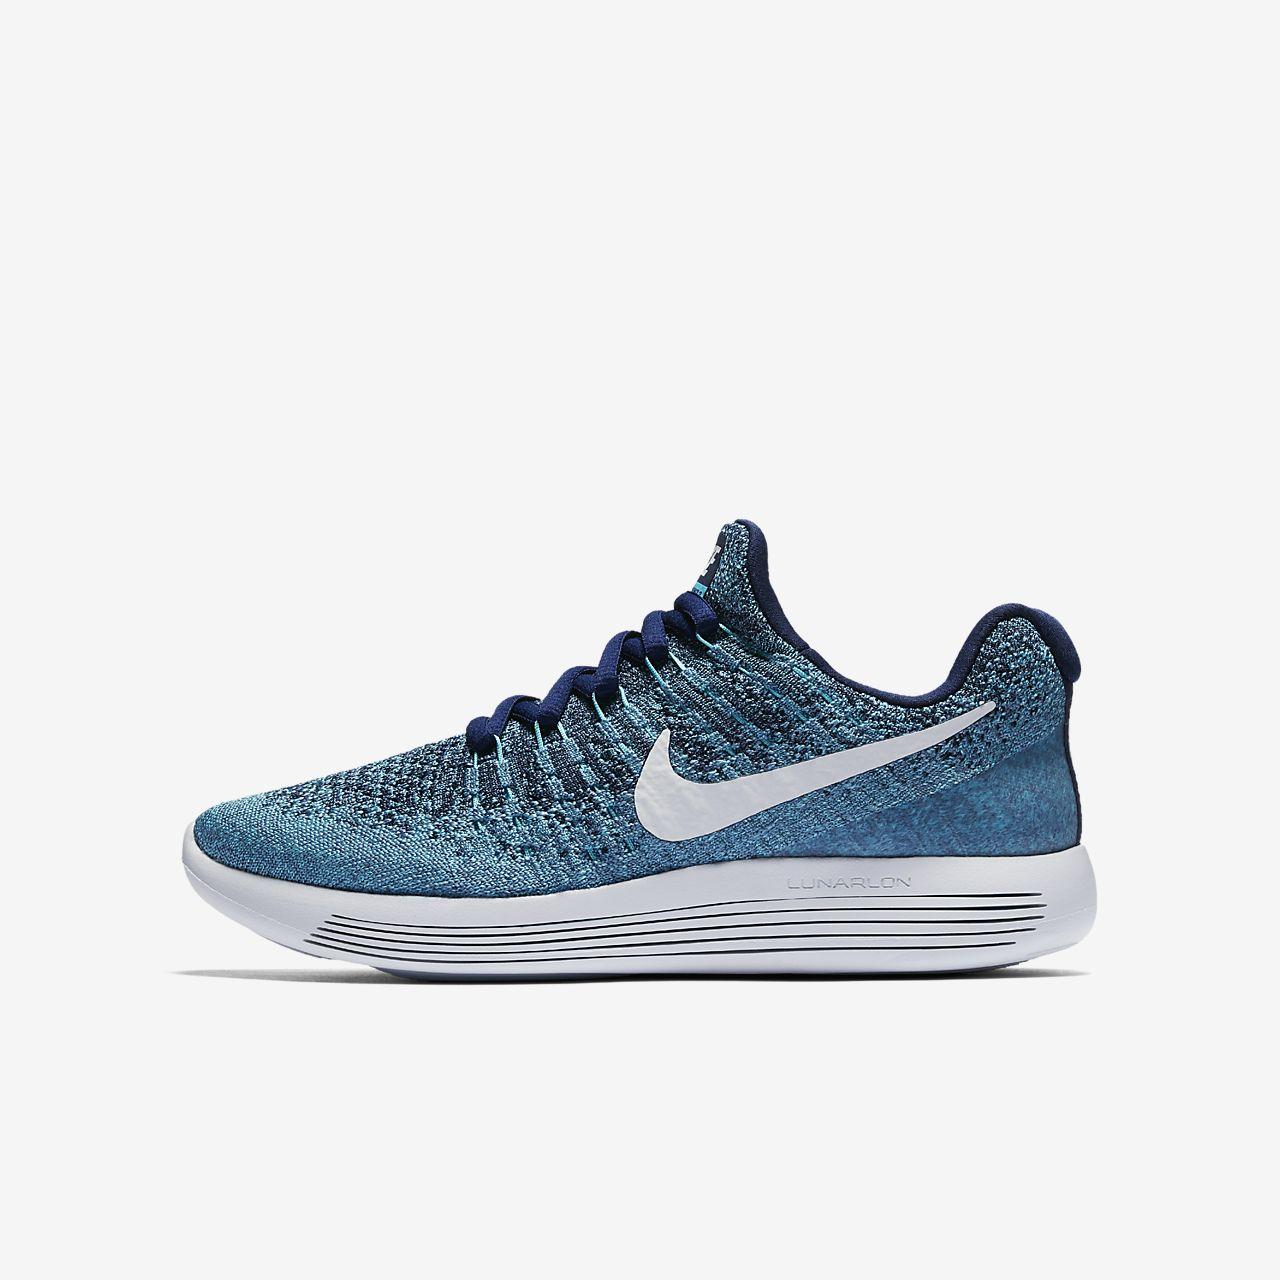 69a2348d4 ... cheapest nike lunarepic low flyknit 2 calzado sneakers deportivas dcef8  f1ffe